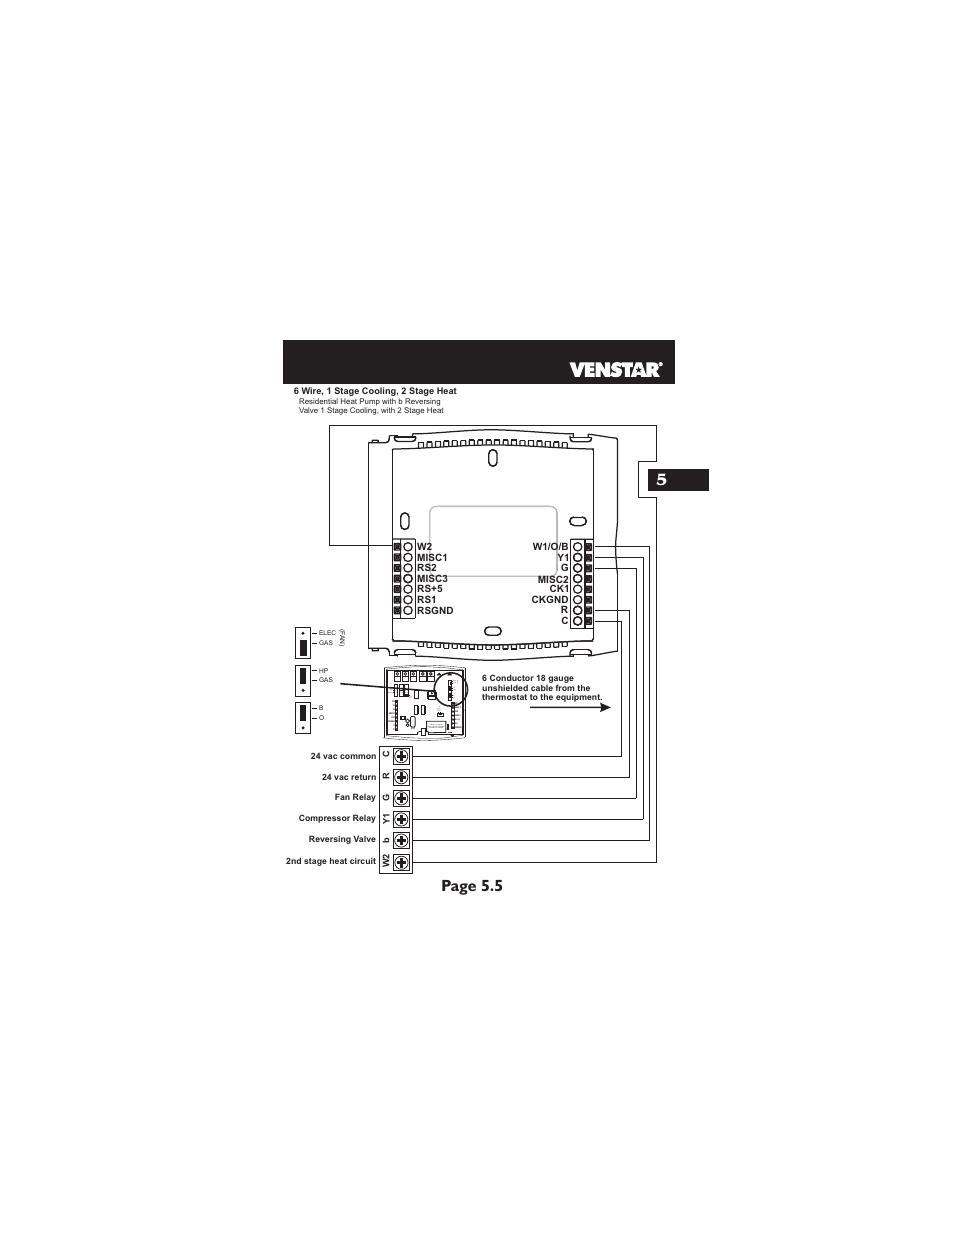 Page 5 5, Hp gas b o elec gas (f a n ) | Venstar T2700 Installation